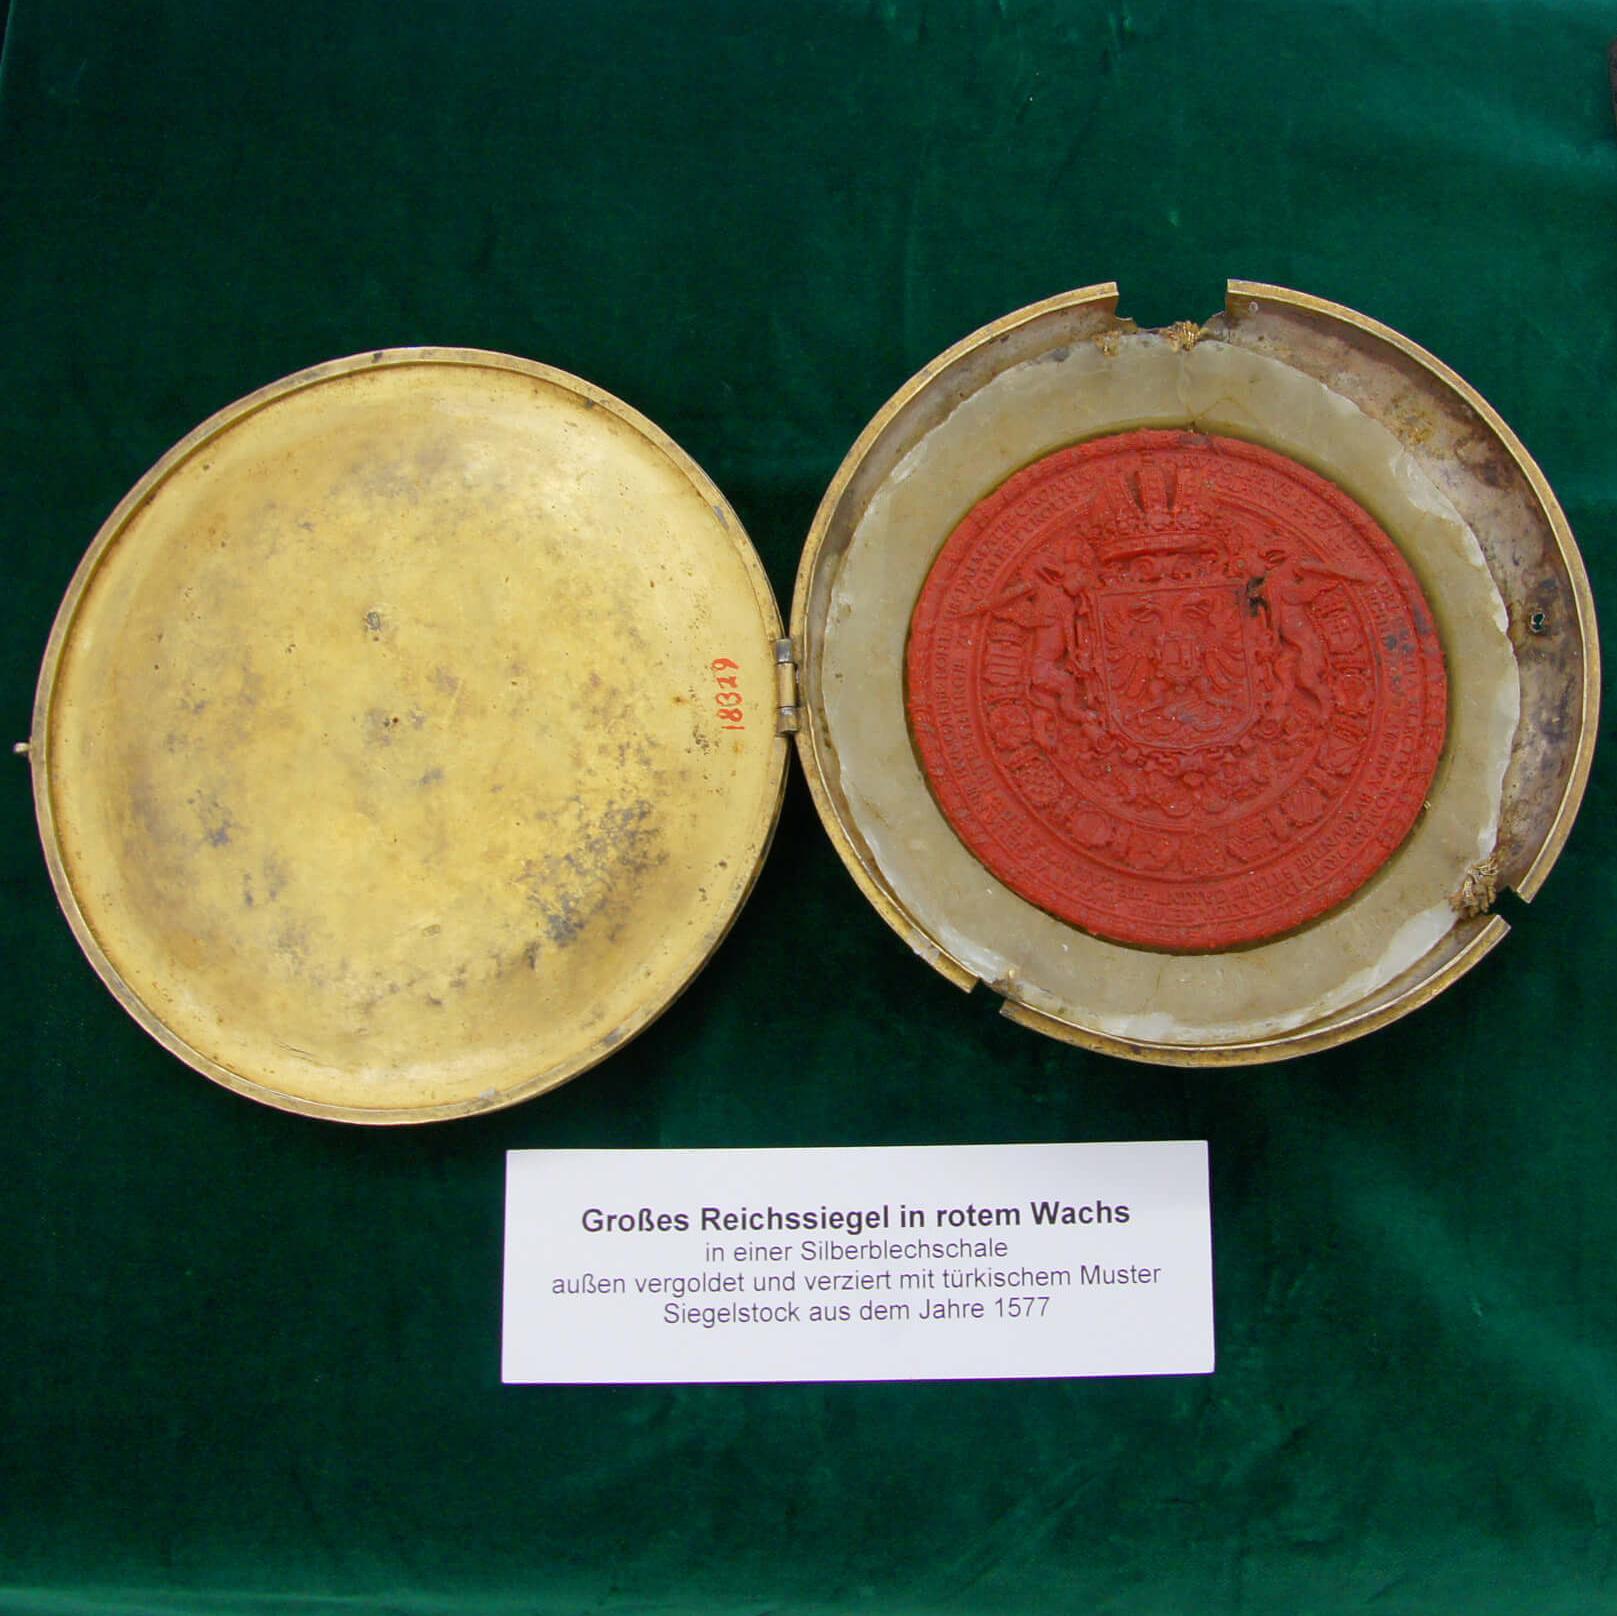 Großes Reichs-Siegel auf rotem Wachs